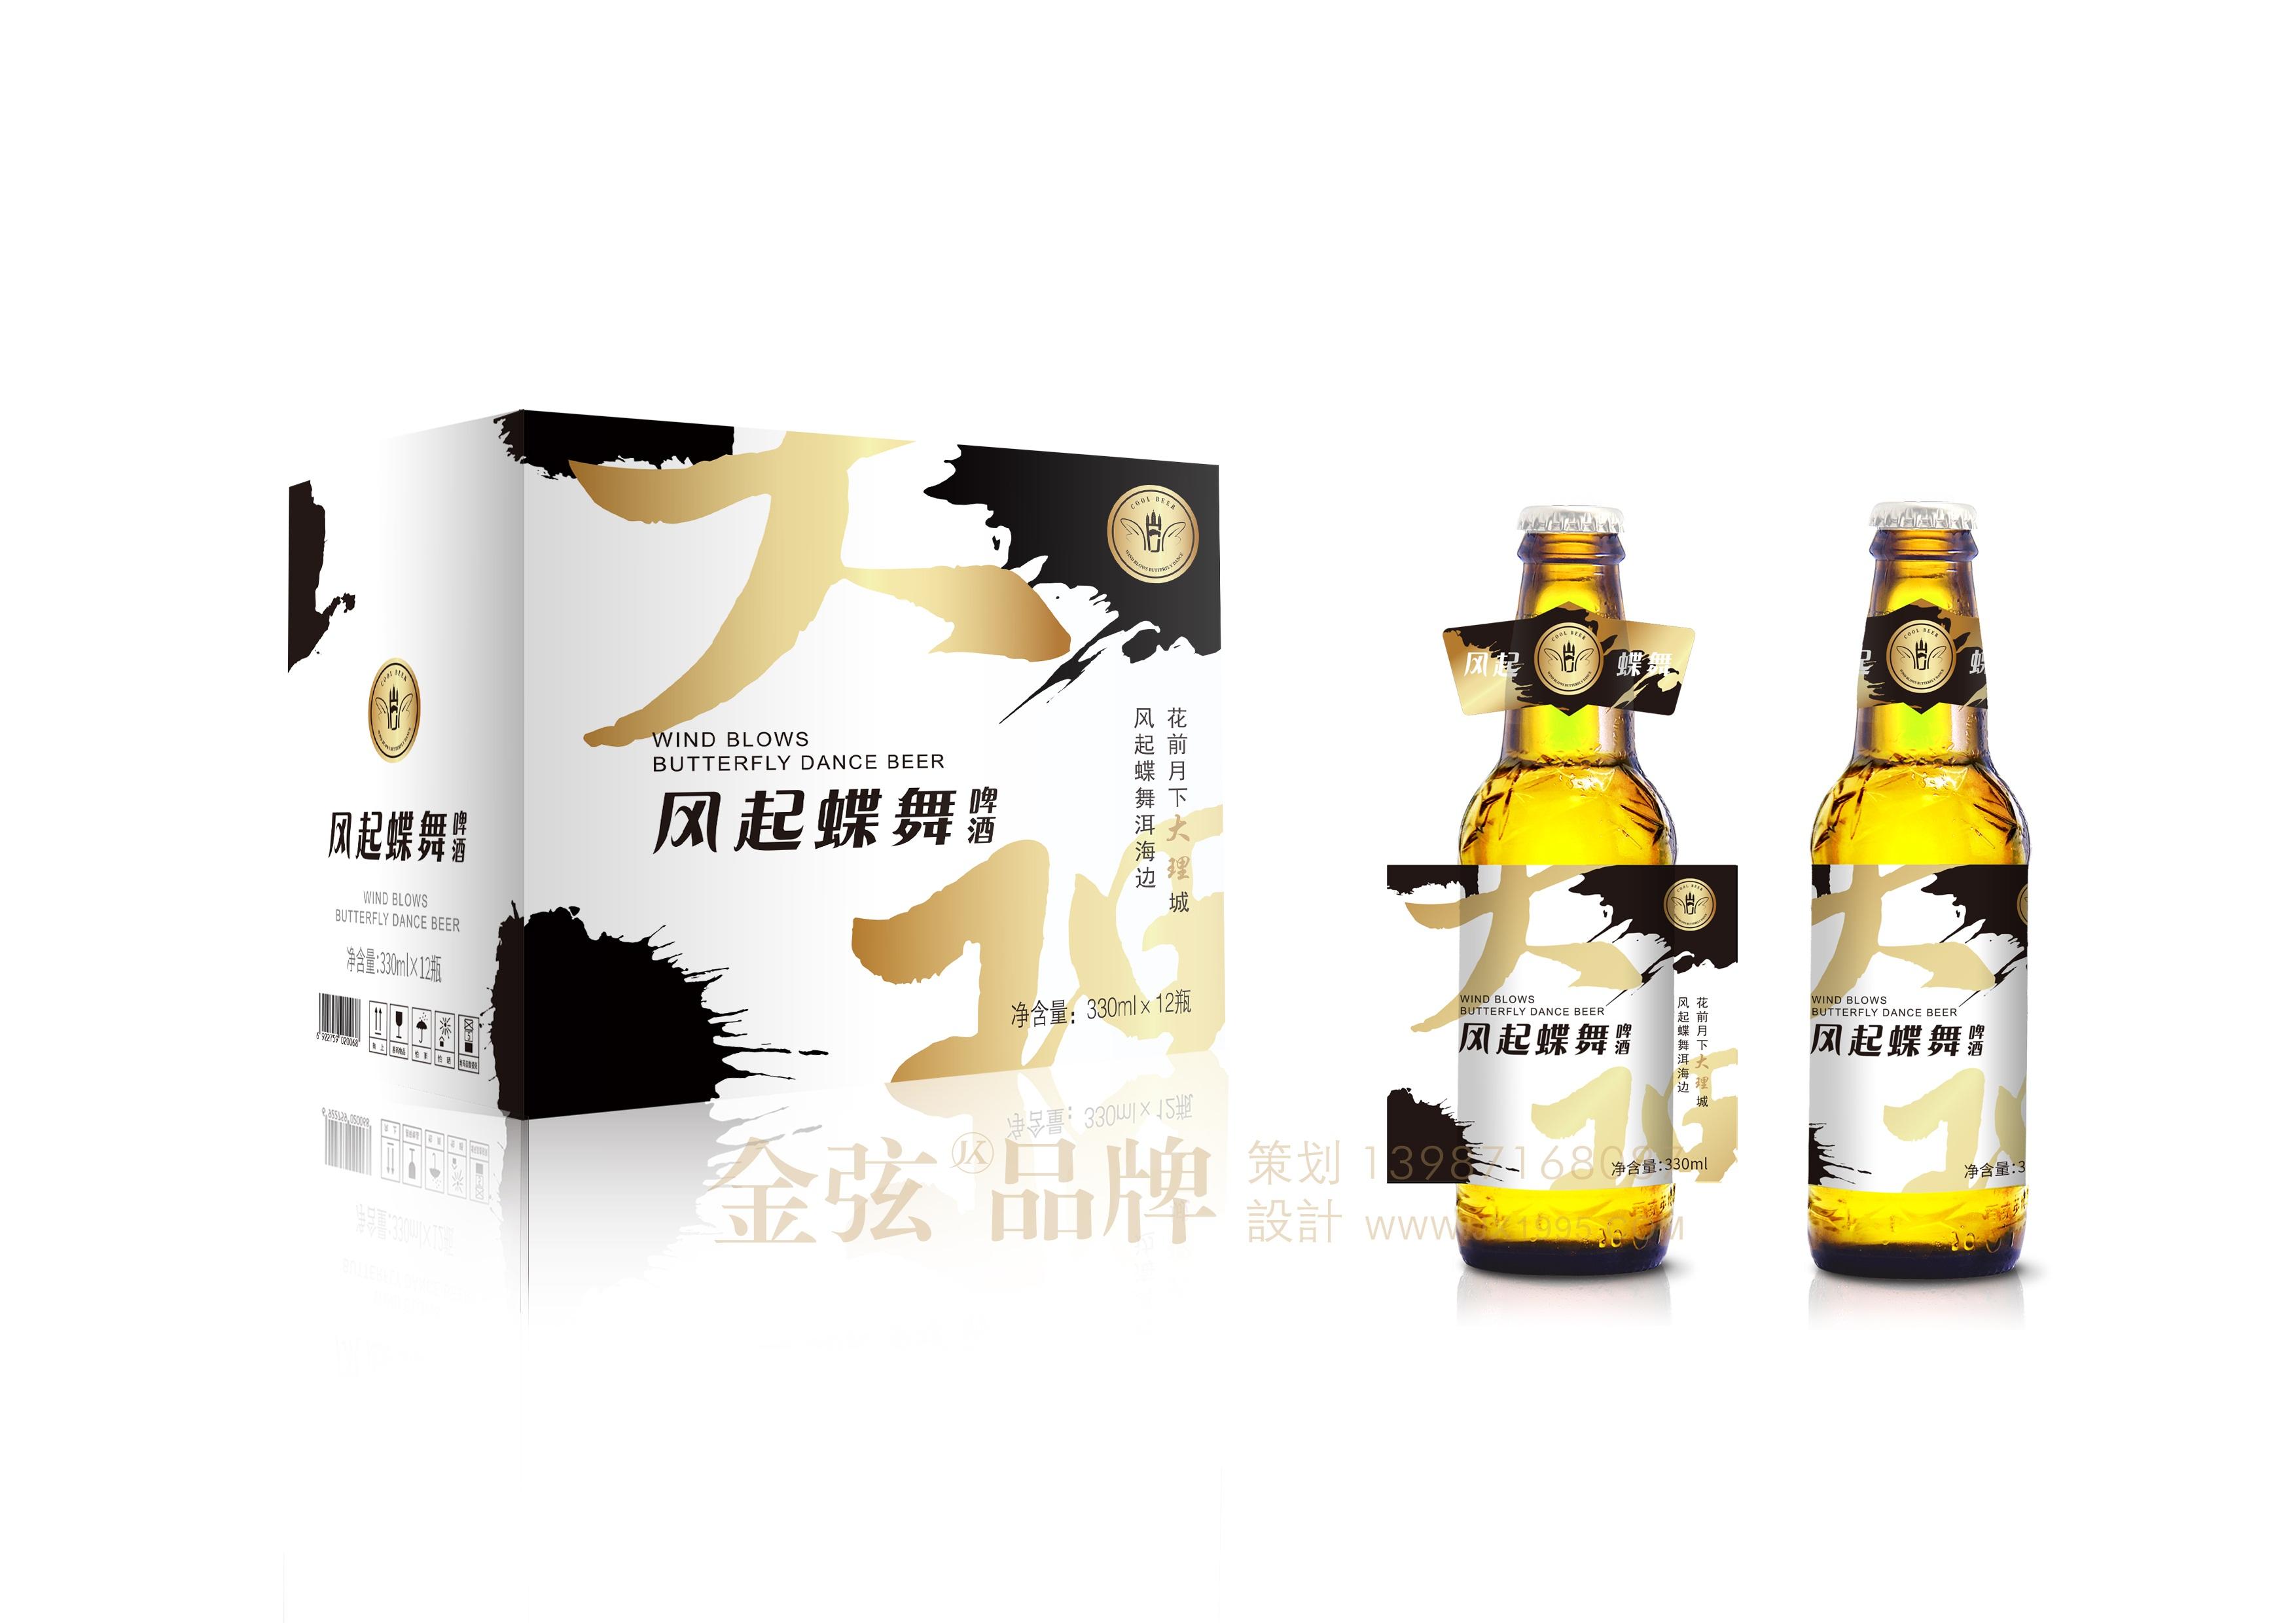 风起蝶舞啤酒包装设计 包装设计 客户资料  第5张